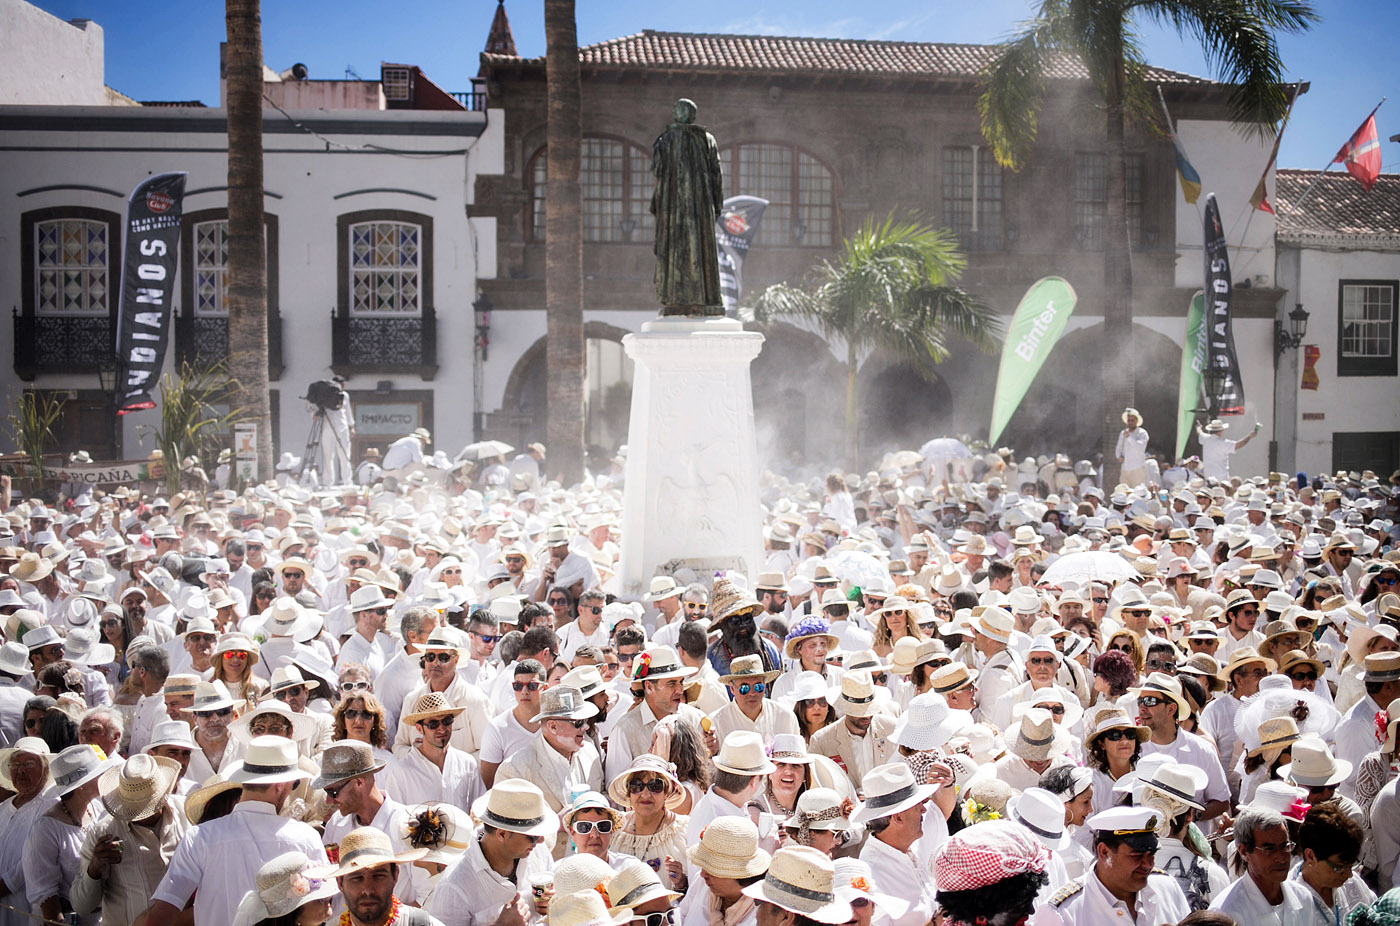 Calendario Carnaval 2020 Las Palmas.El Dia De Los Indianos En La Palma